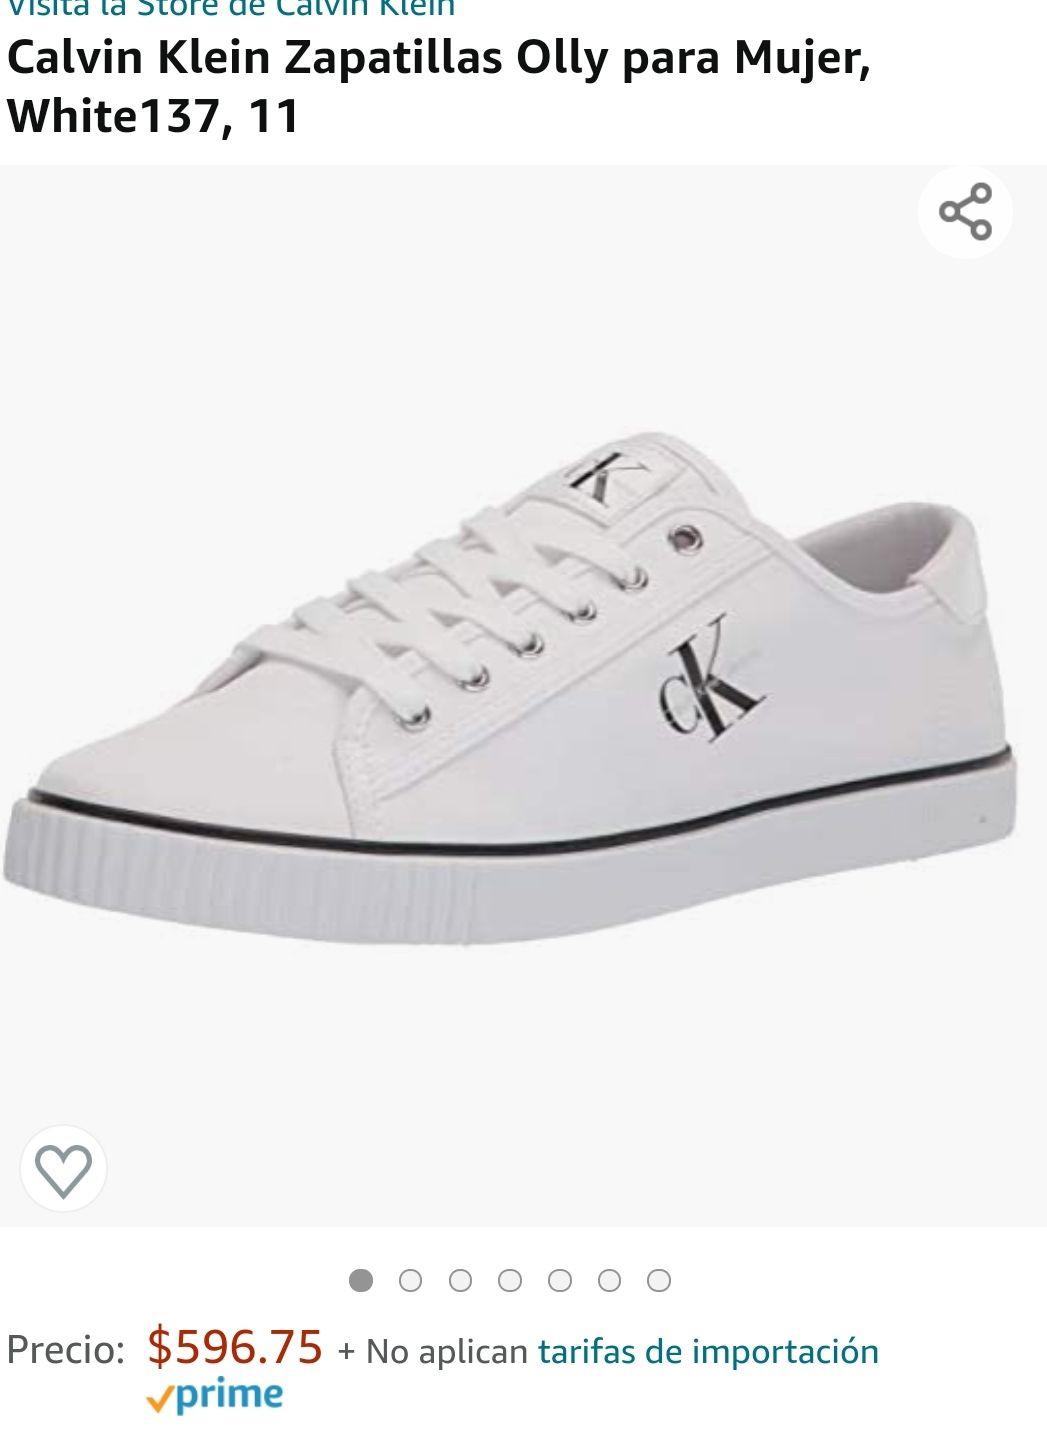 Amazon mx: Calvin Klein Zapatillas Olly para Mujer, White137, 11